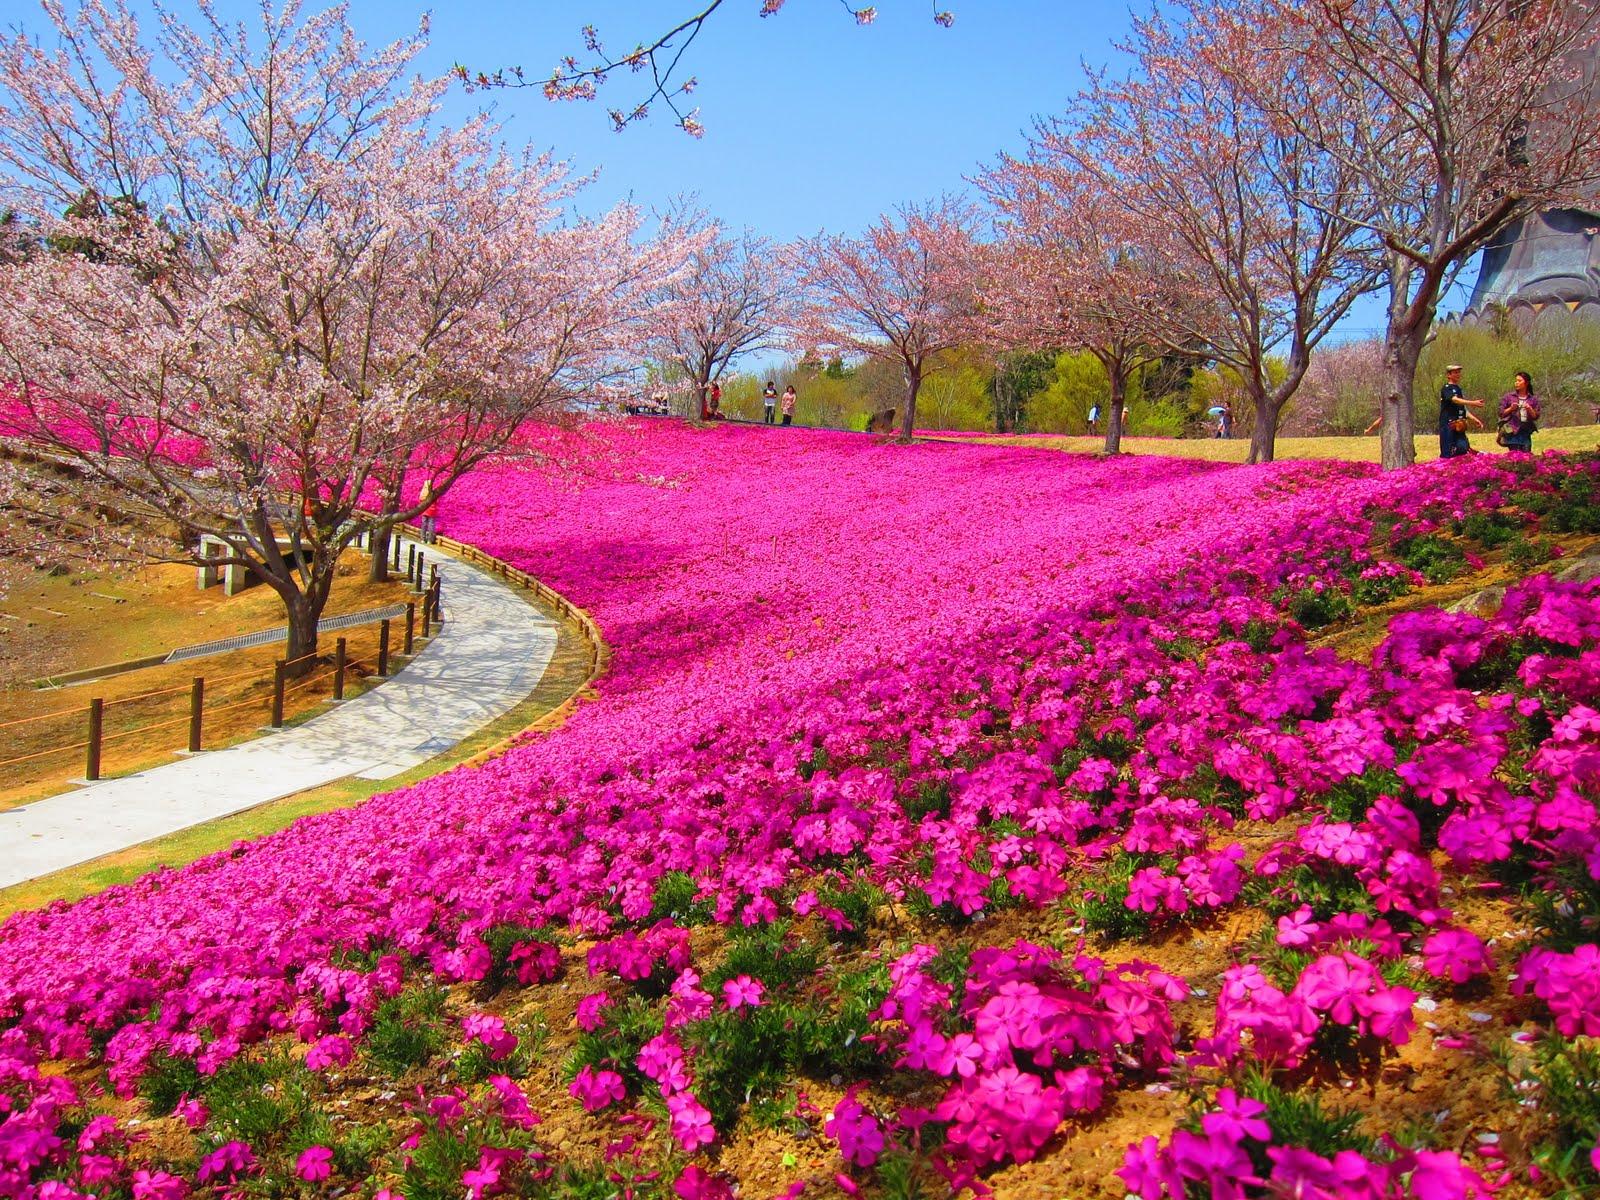 suasana nah biar gak kusut saya tampilkan pemandangan taman bunga